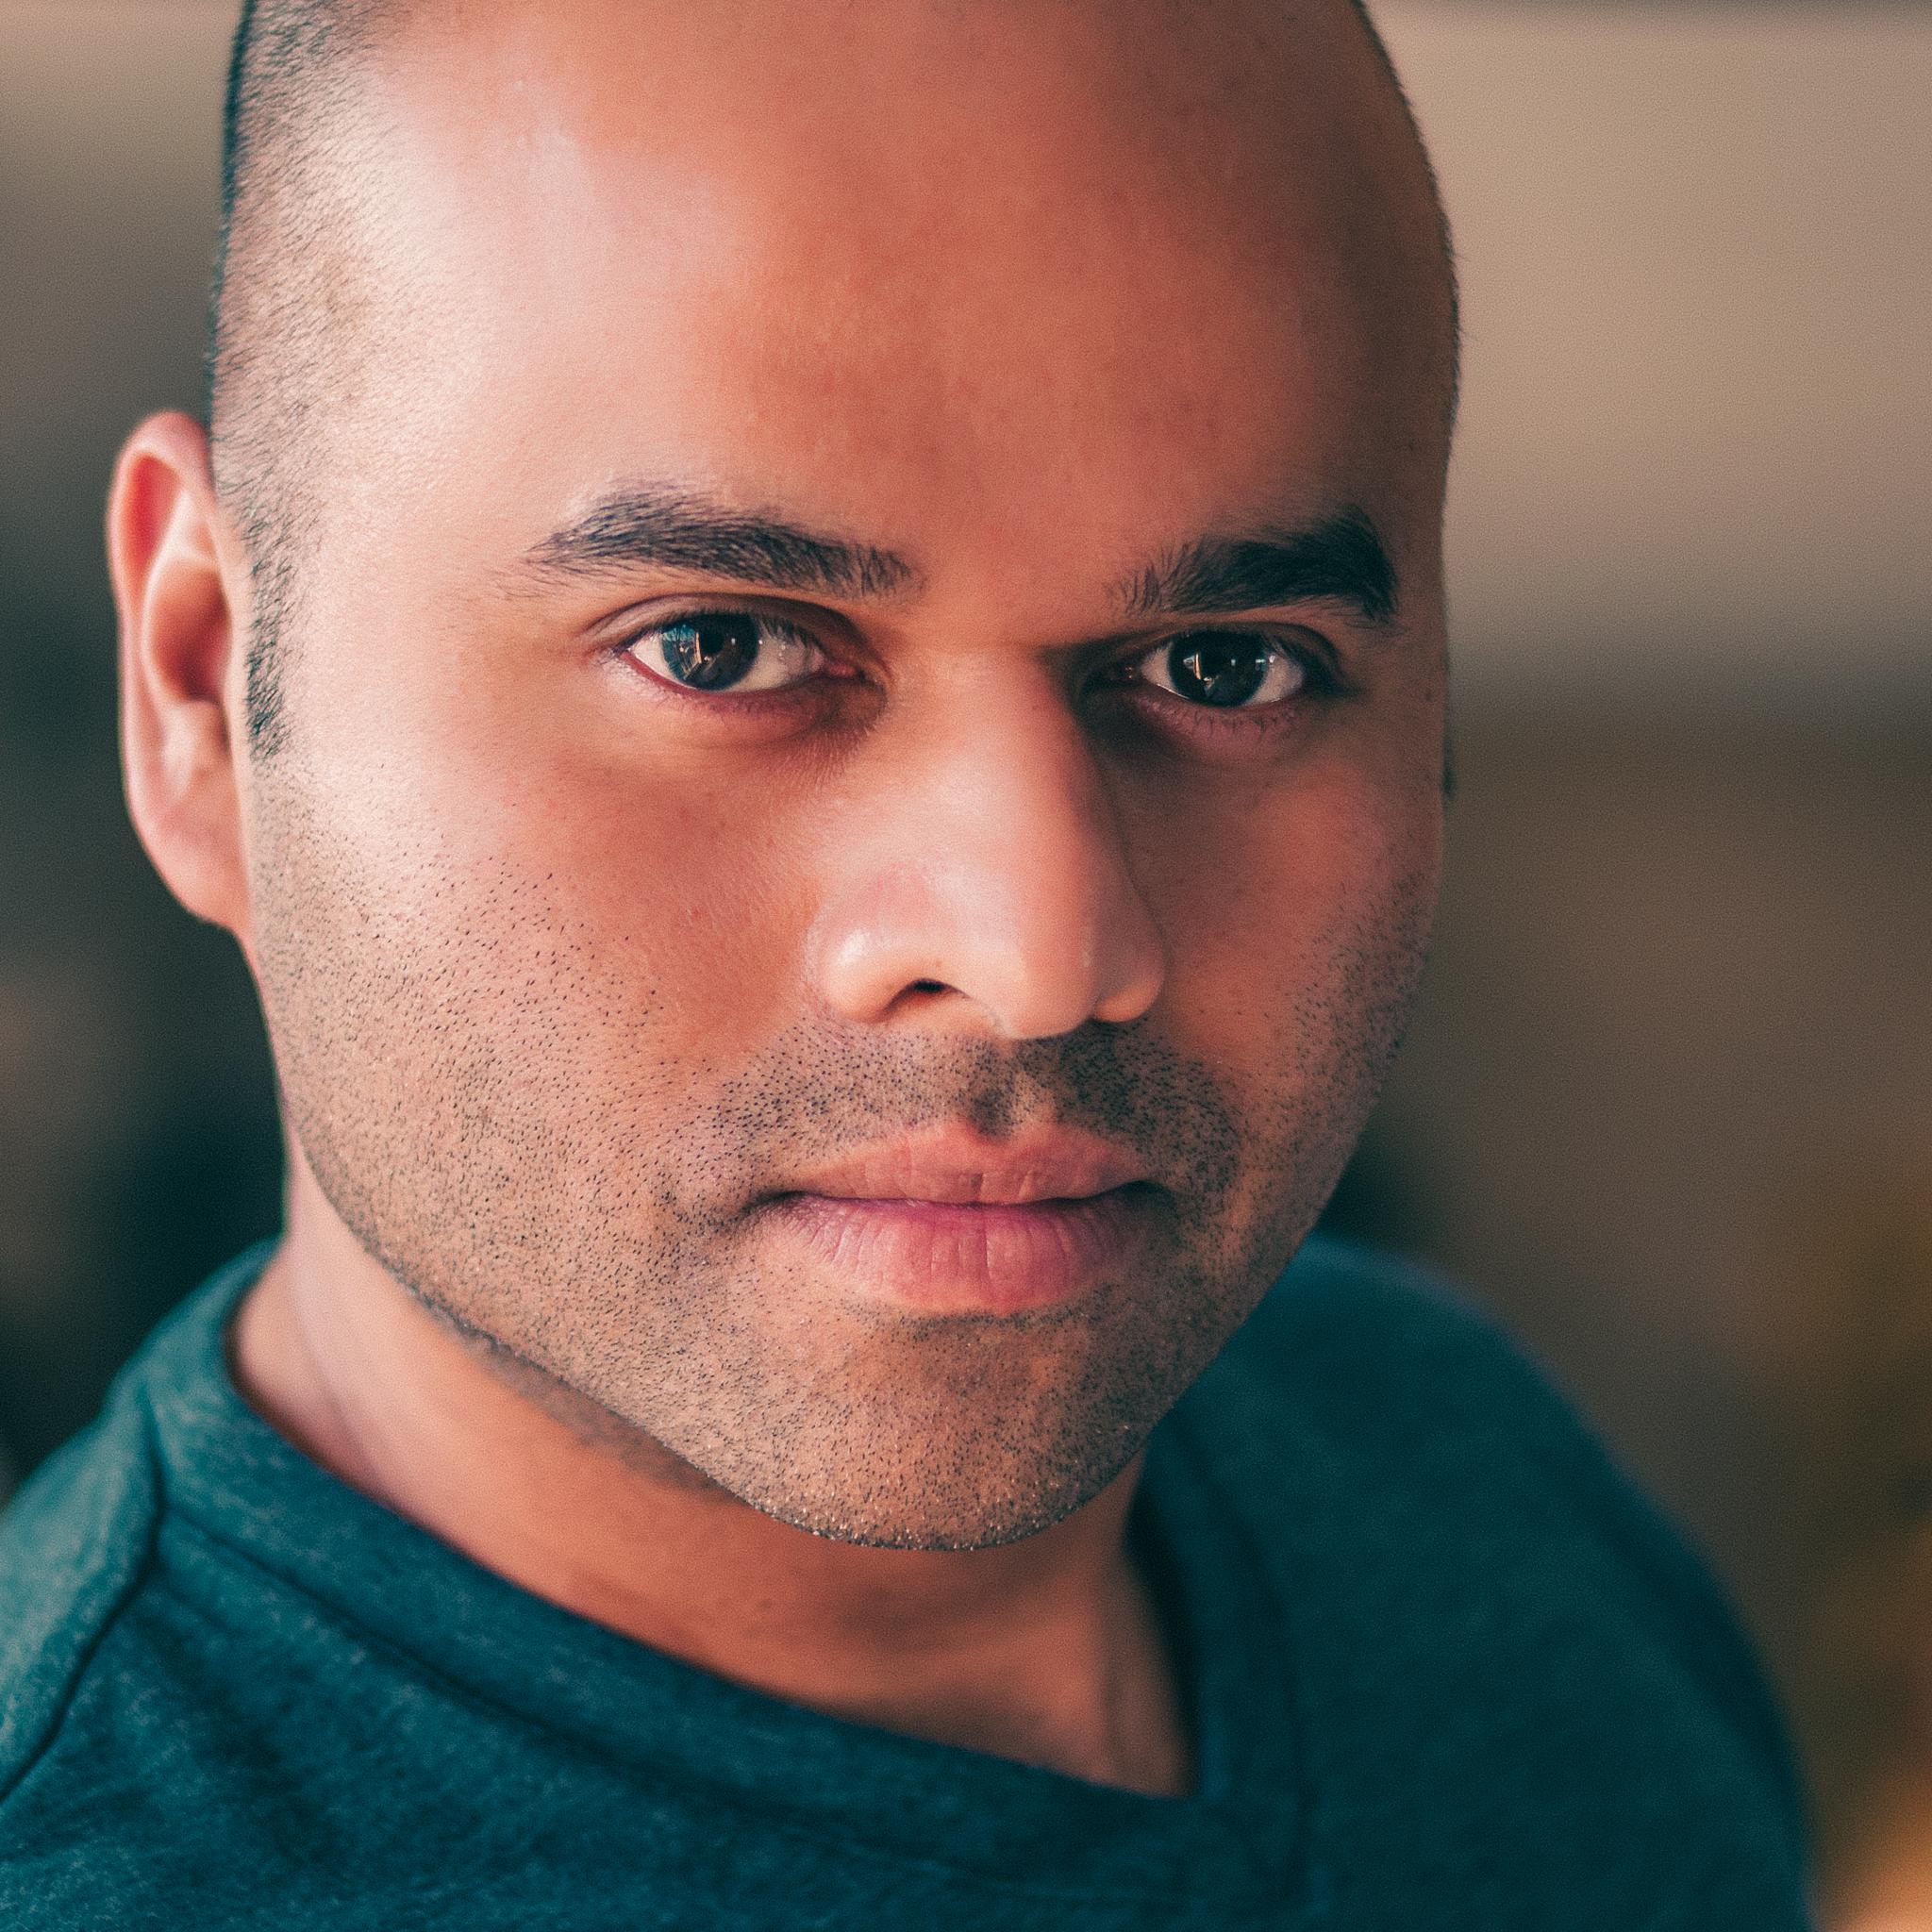 Reza headshot